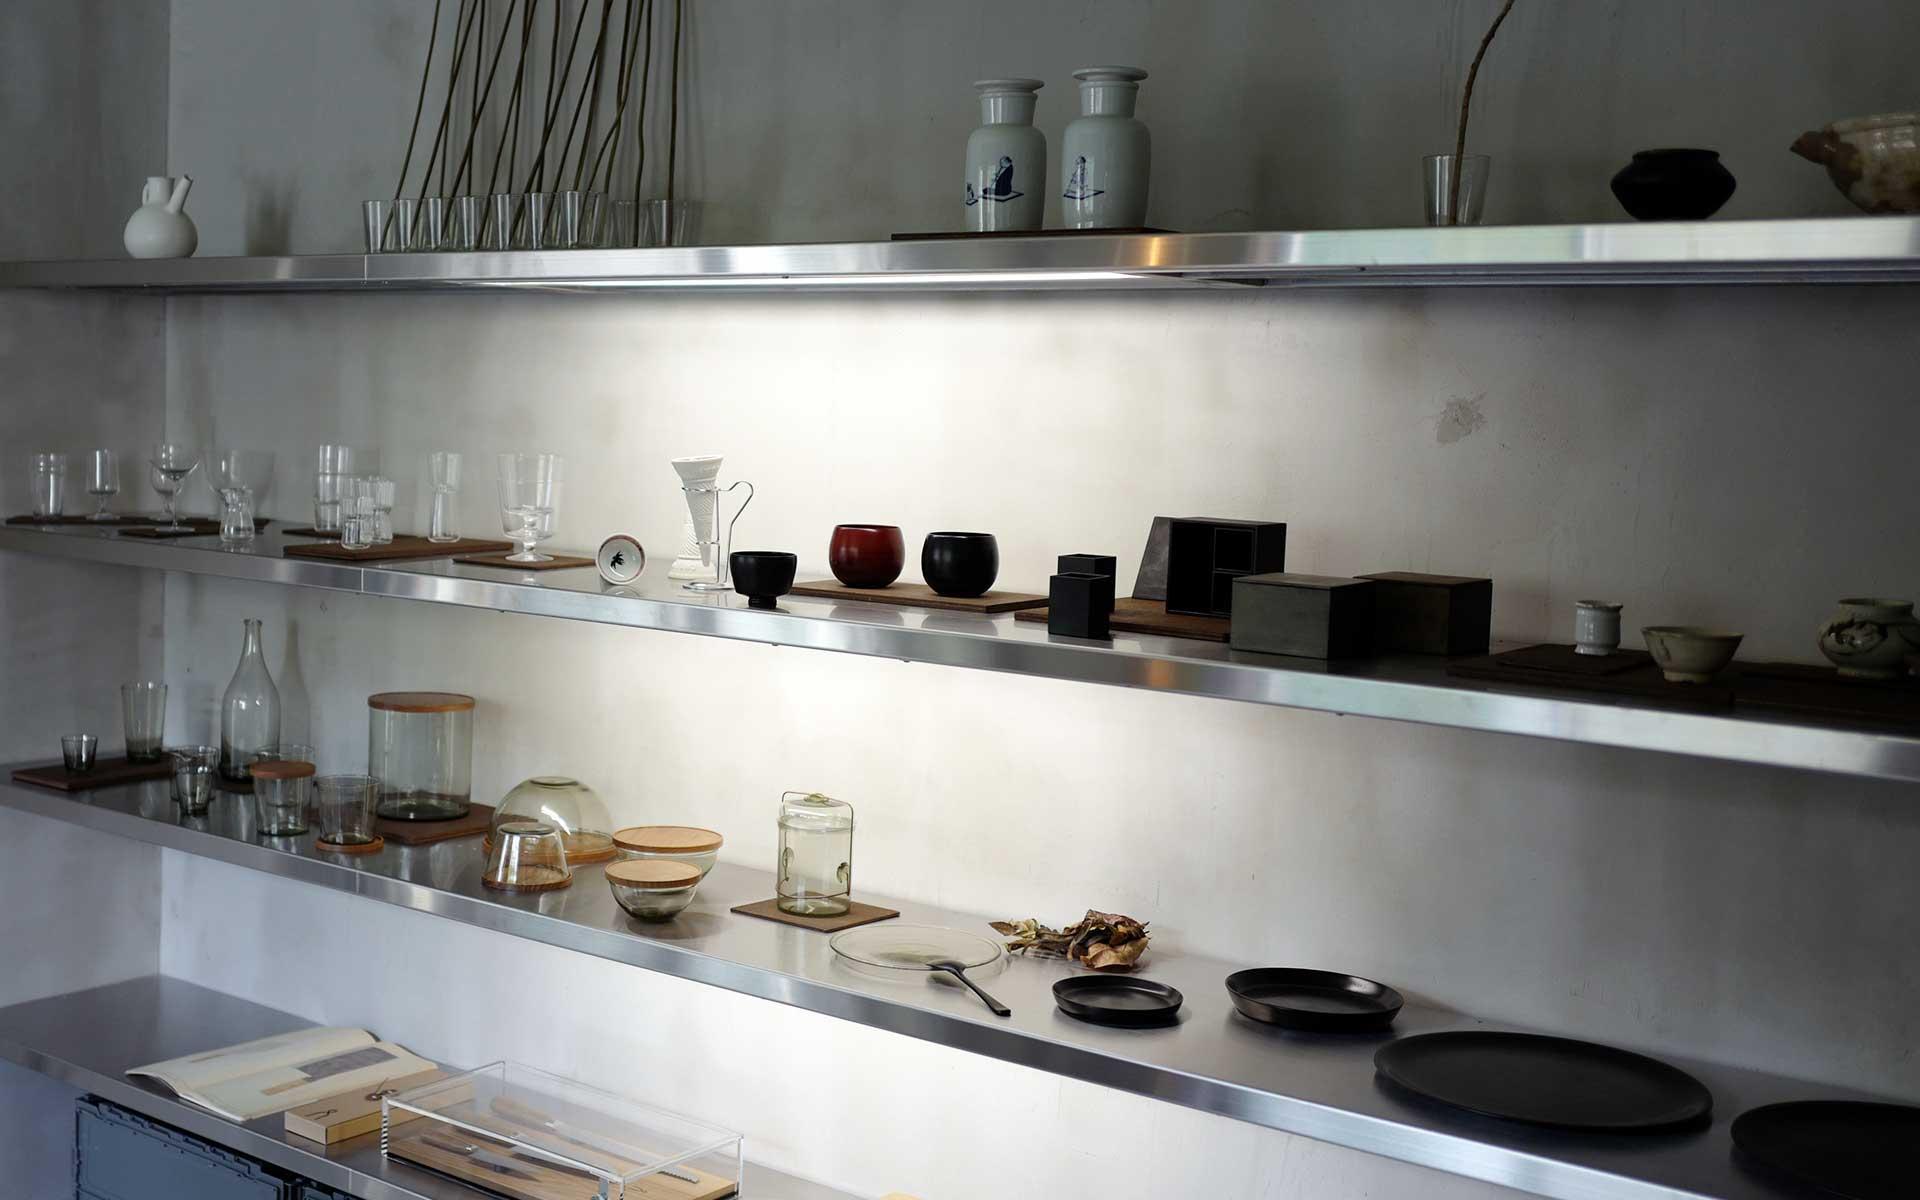 真喜志奈美さんと竹島智子さんの共同プロジェクト〈Luft〉によるラワン材やステンレスなど、素材感を活かしたソリッドな内装